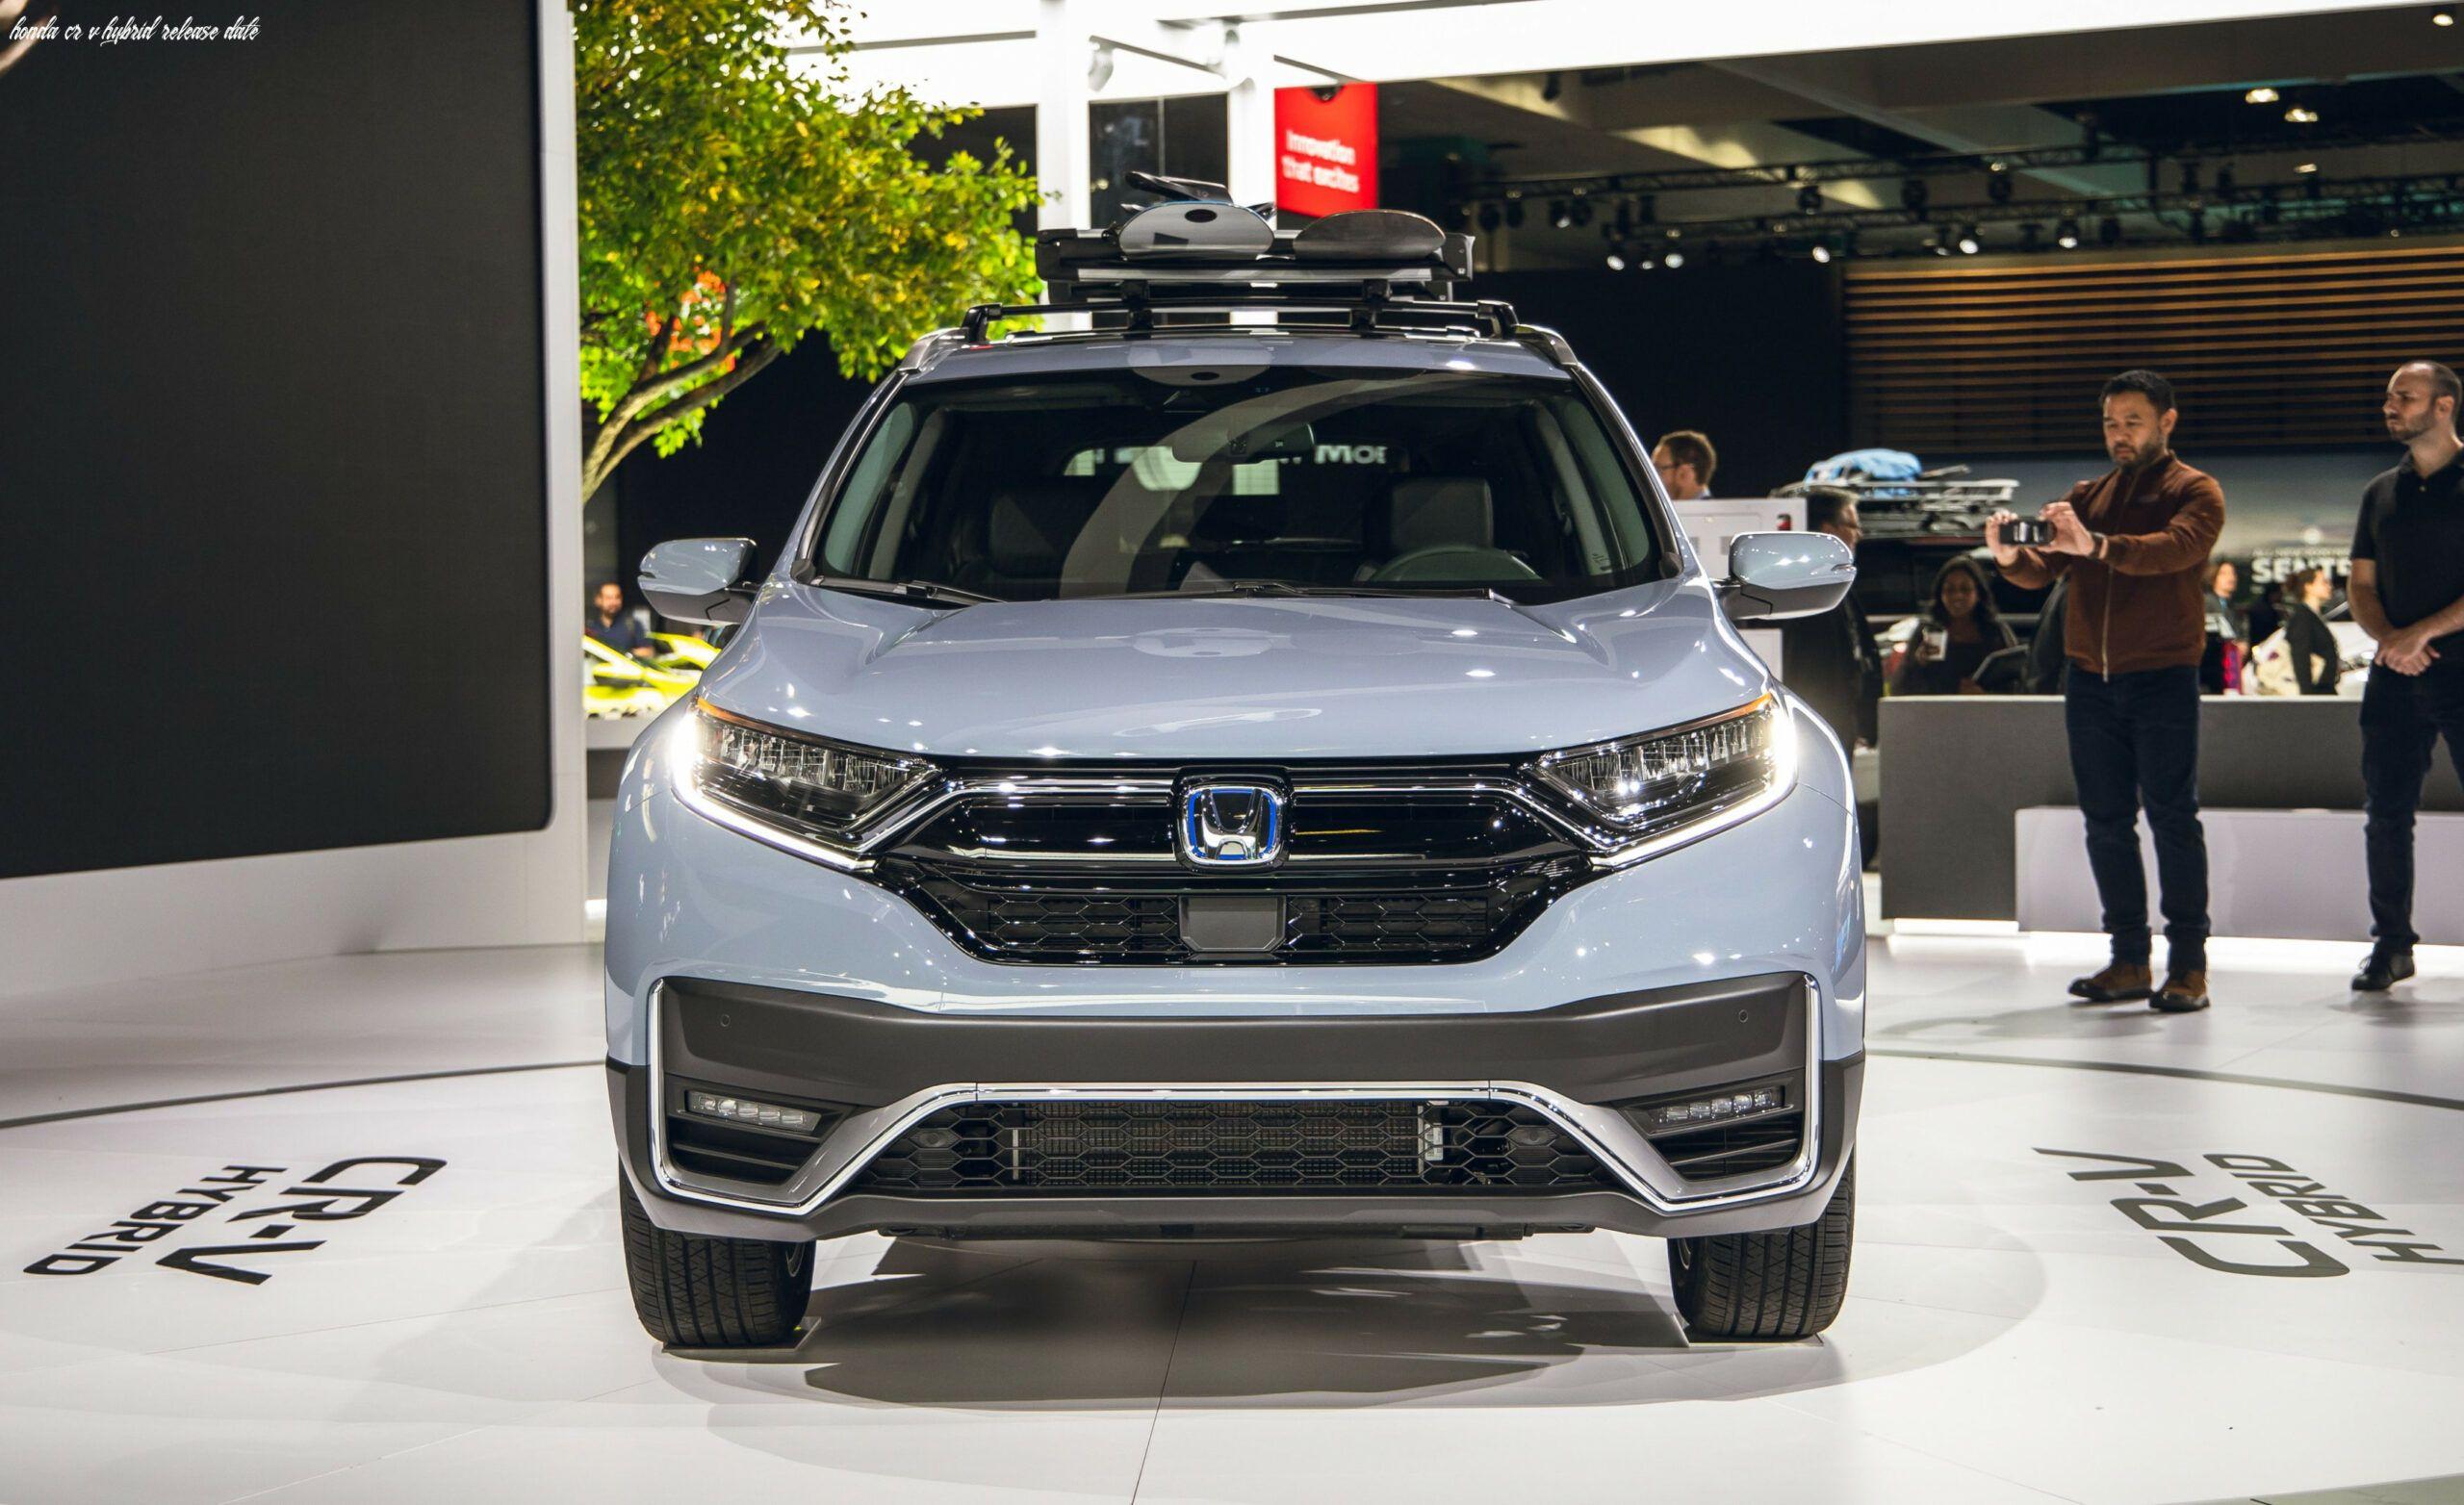 2021 Honda City Review And Release Date In 2020 Honda City Honda Civic Type R Honda Odyssey